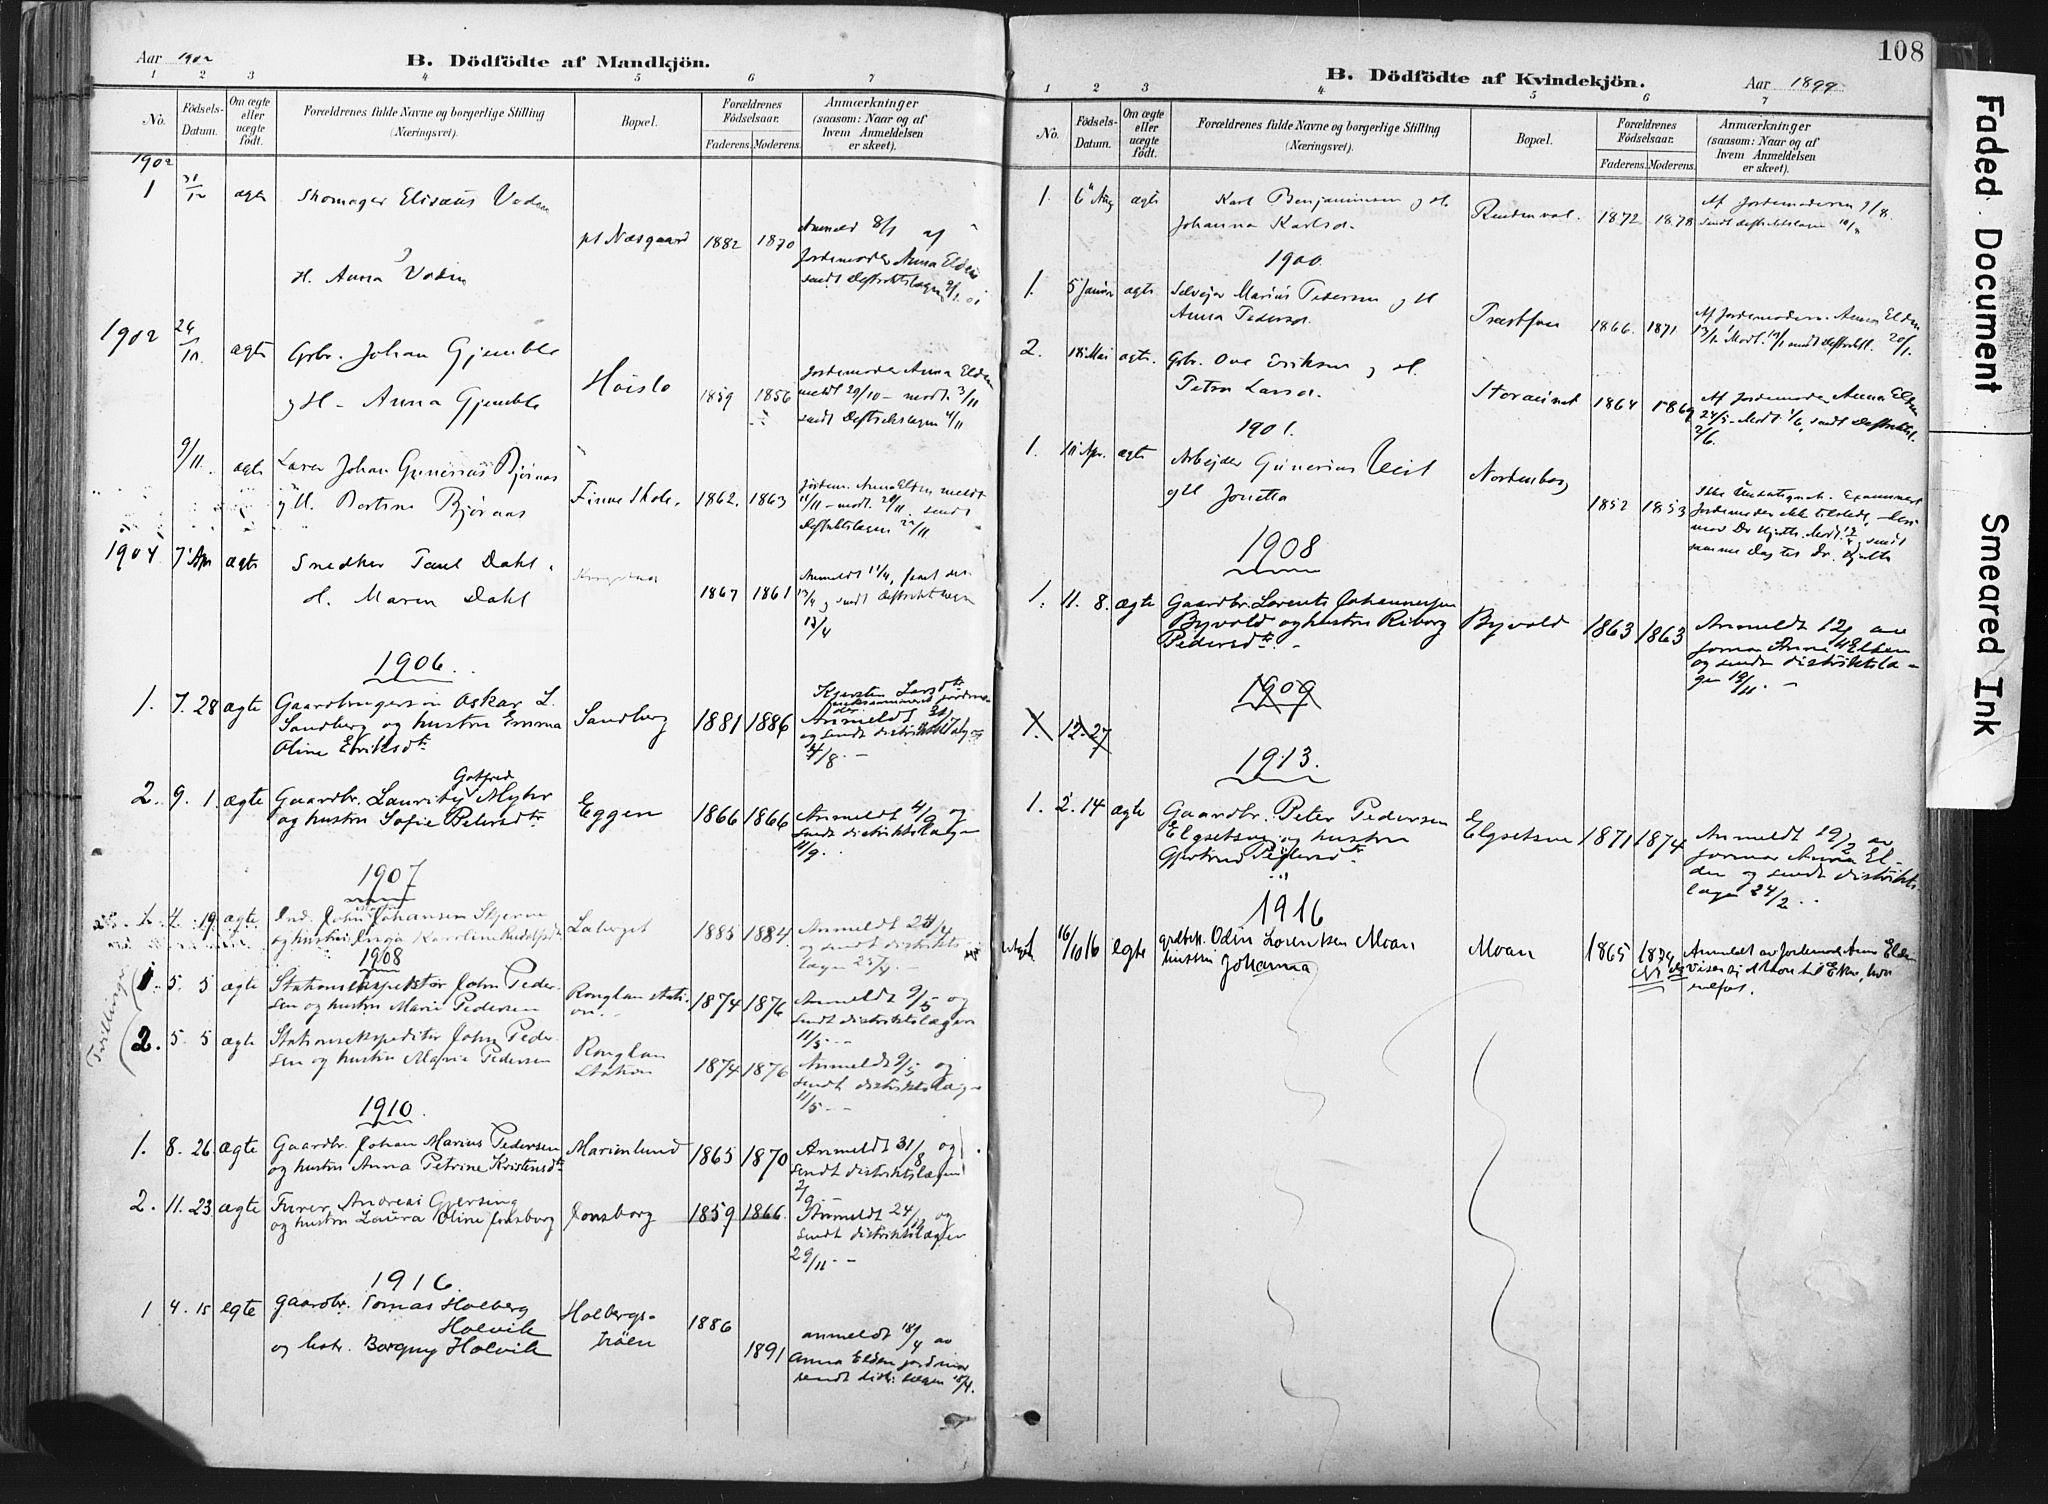 SAT, Ministerialprotokoller, klokkerbøker og fødselsregistre - Nord-Trøndelag, 717/L0162: Ministerialbok nr. 717A12, 1898-1923, s. 108